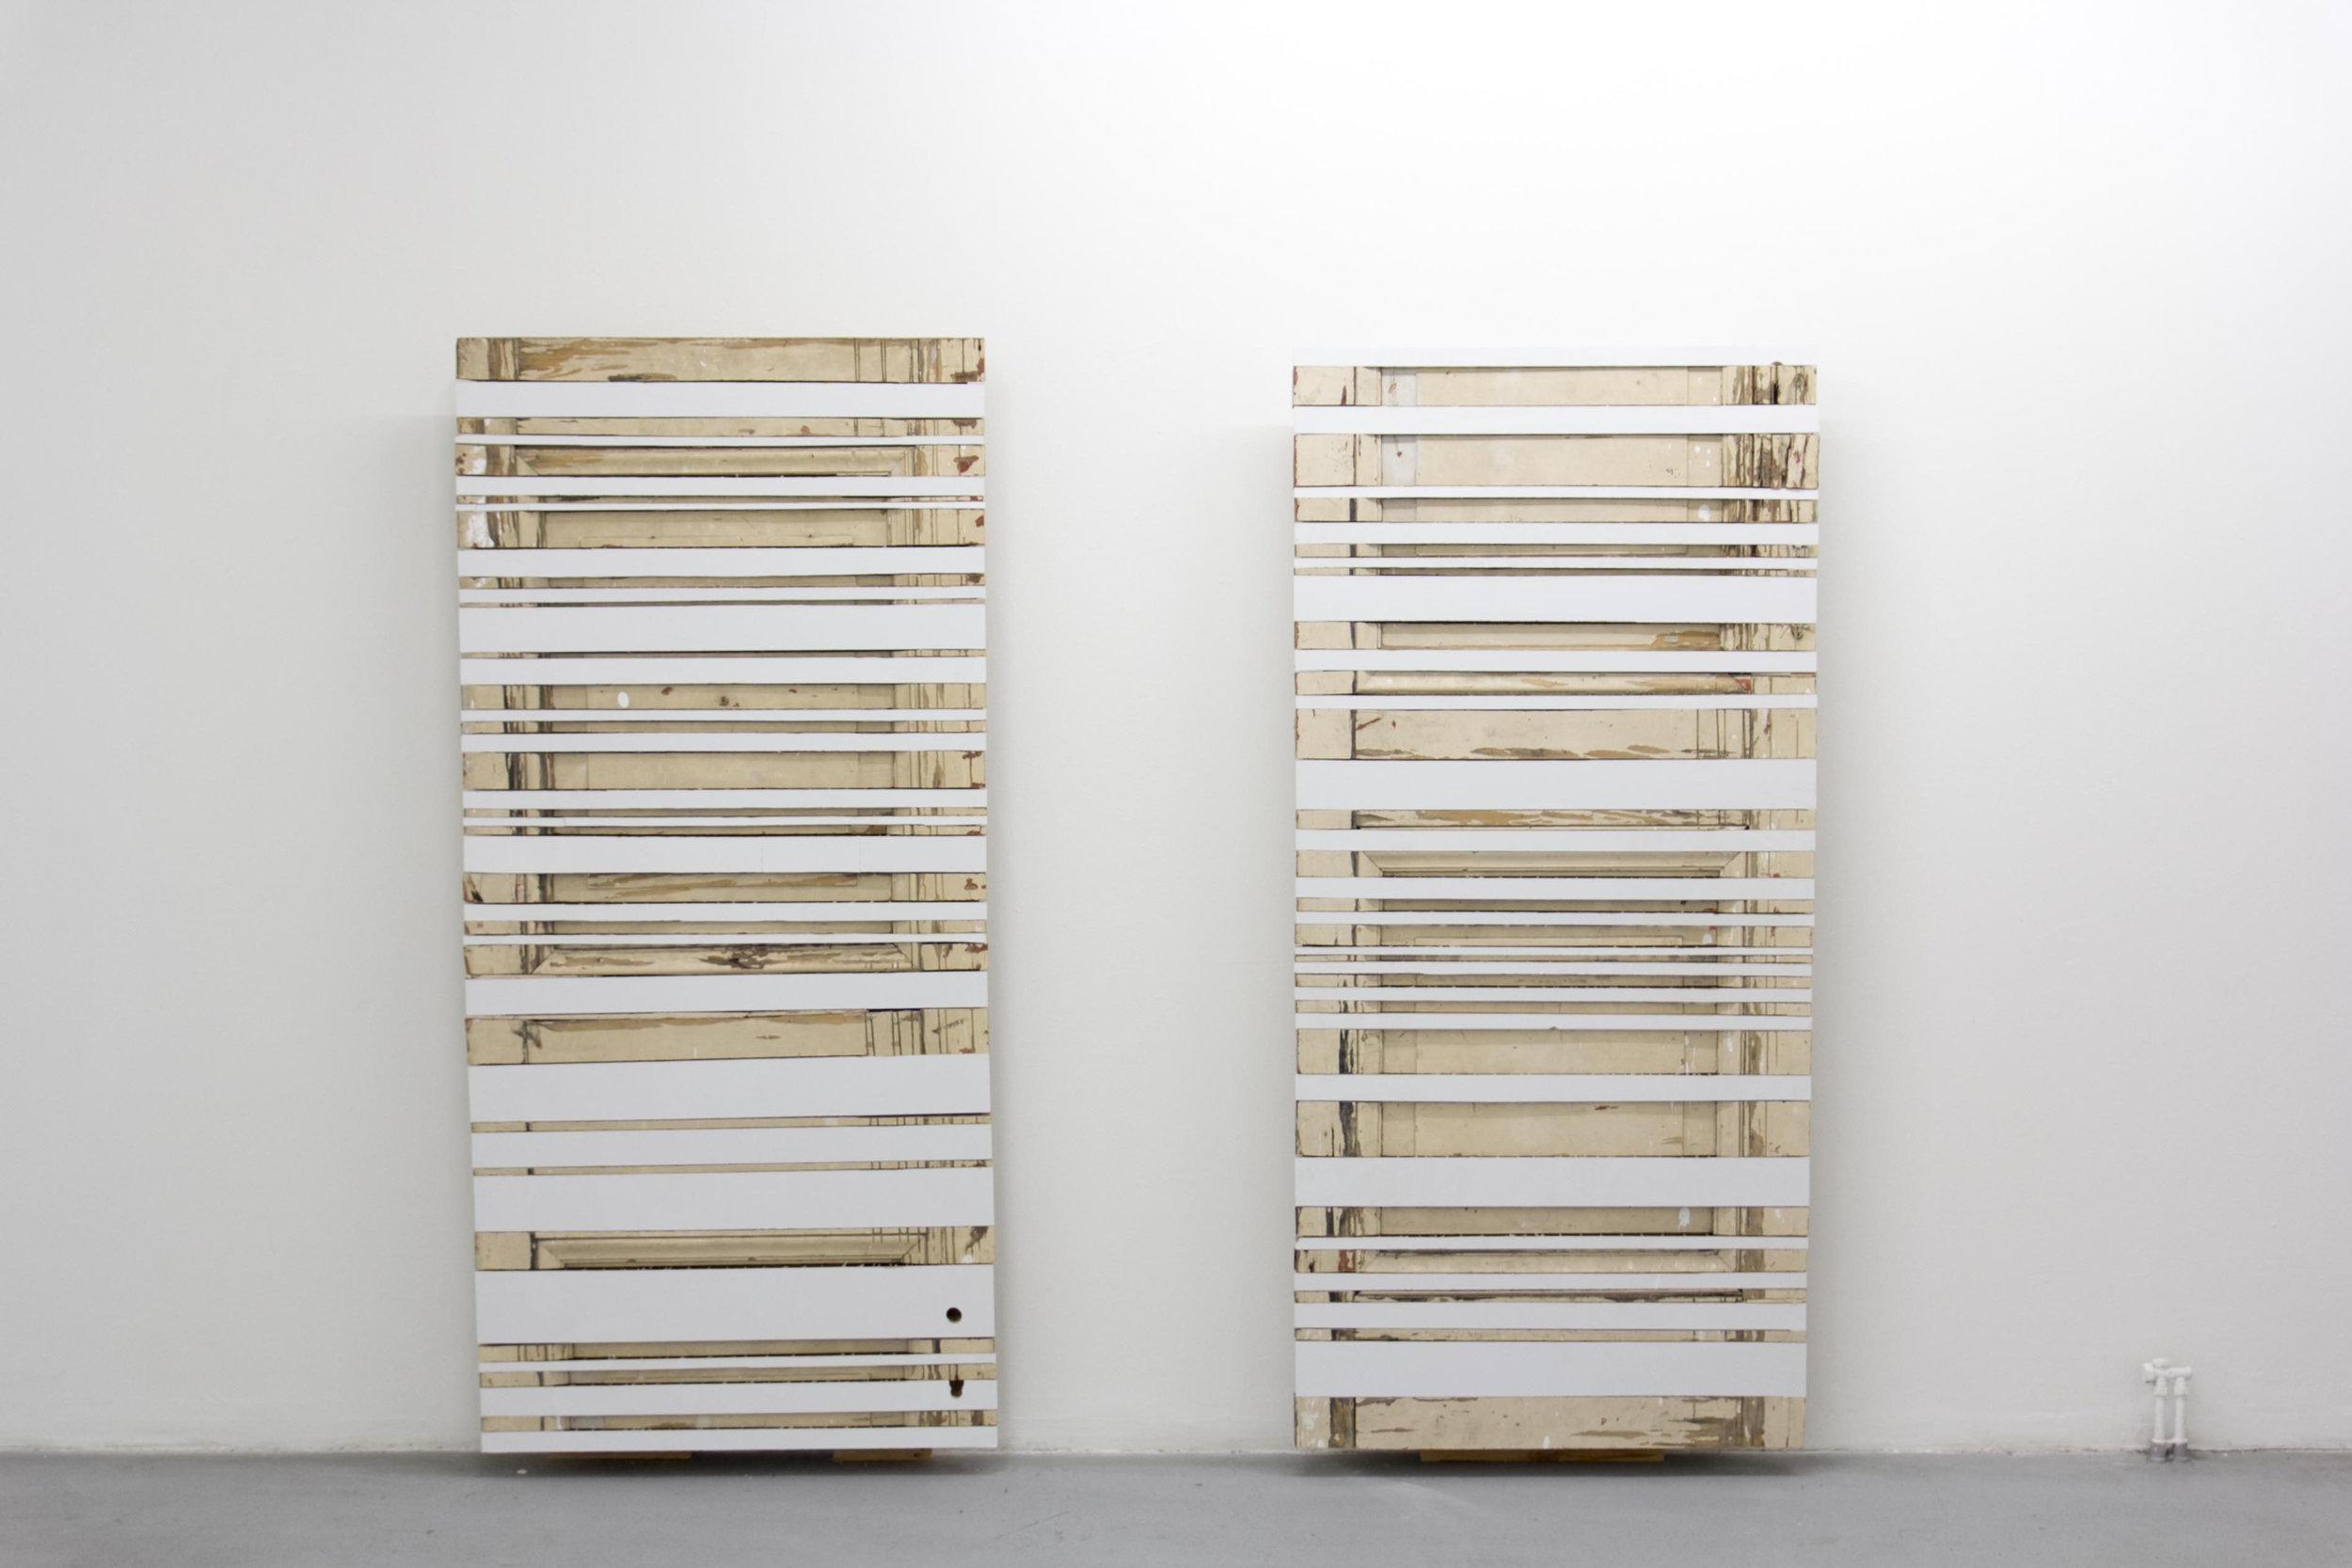 Zwei Türen, 2014, sculpture